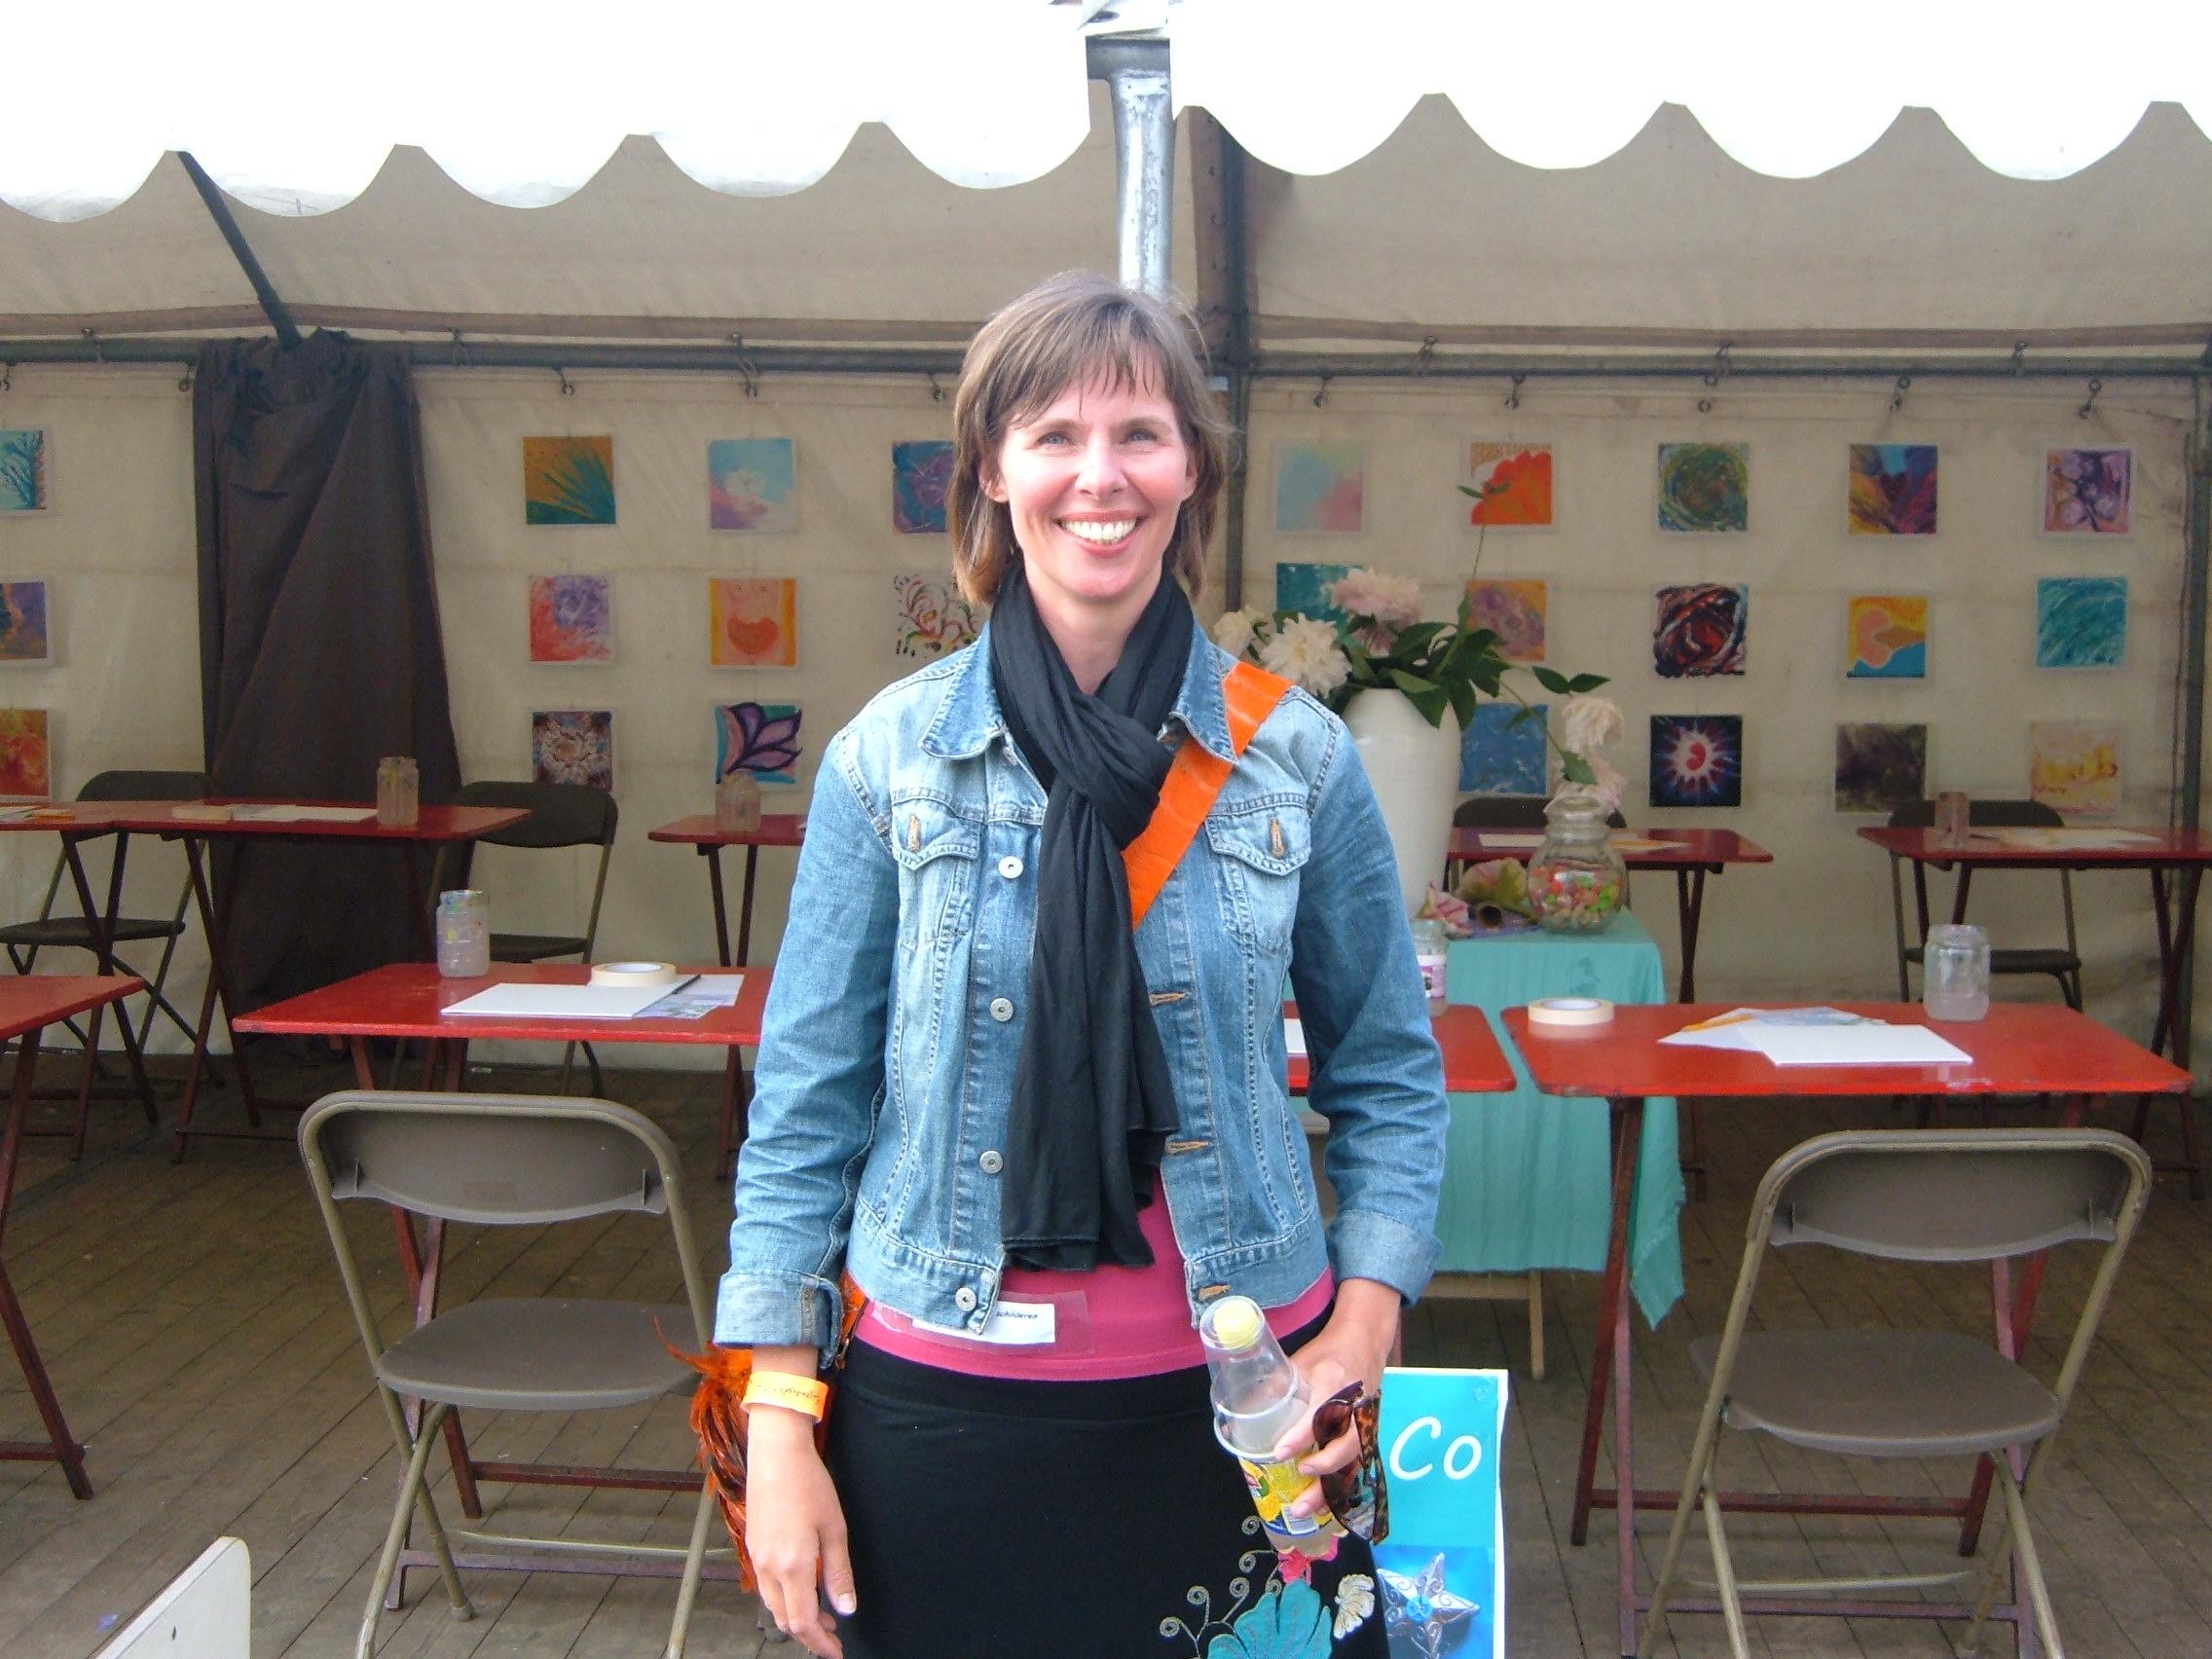 Eigentijds festival 2010 ge ja zing - Eigentijds leven ...